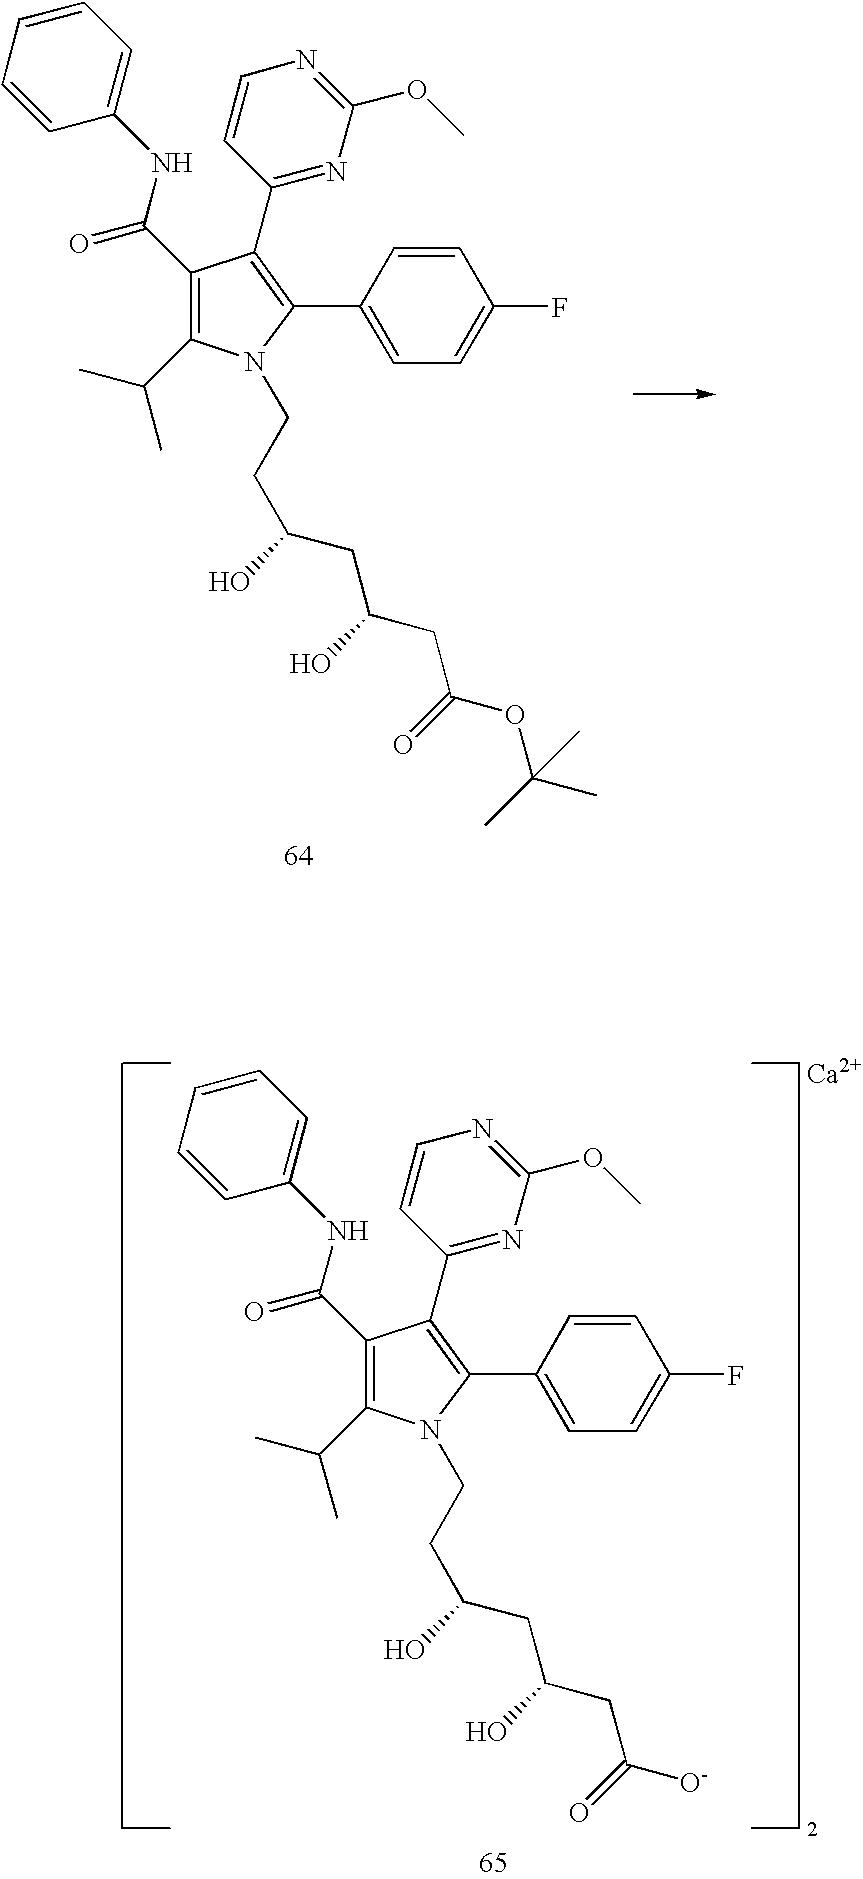 Figure US07183285-20070227-C00189